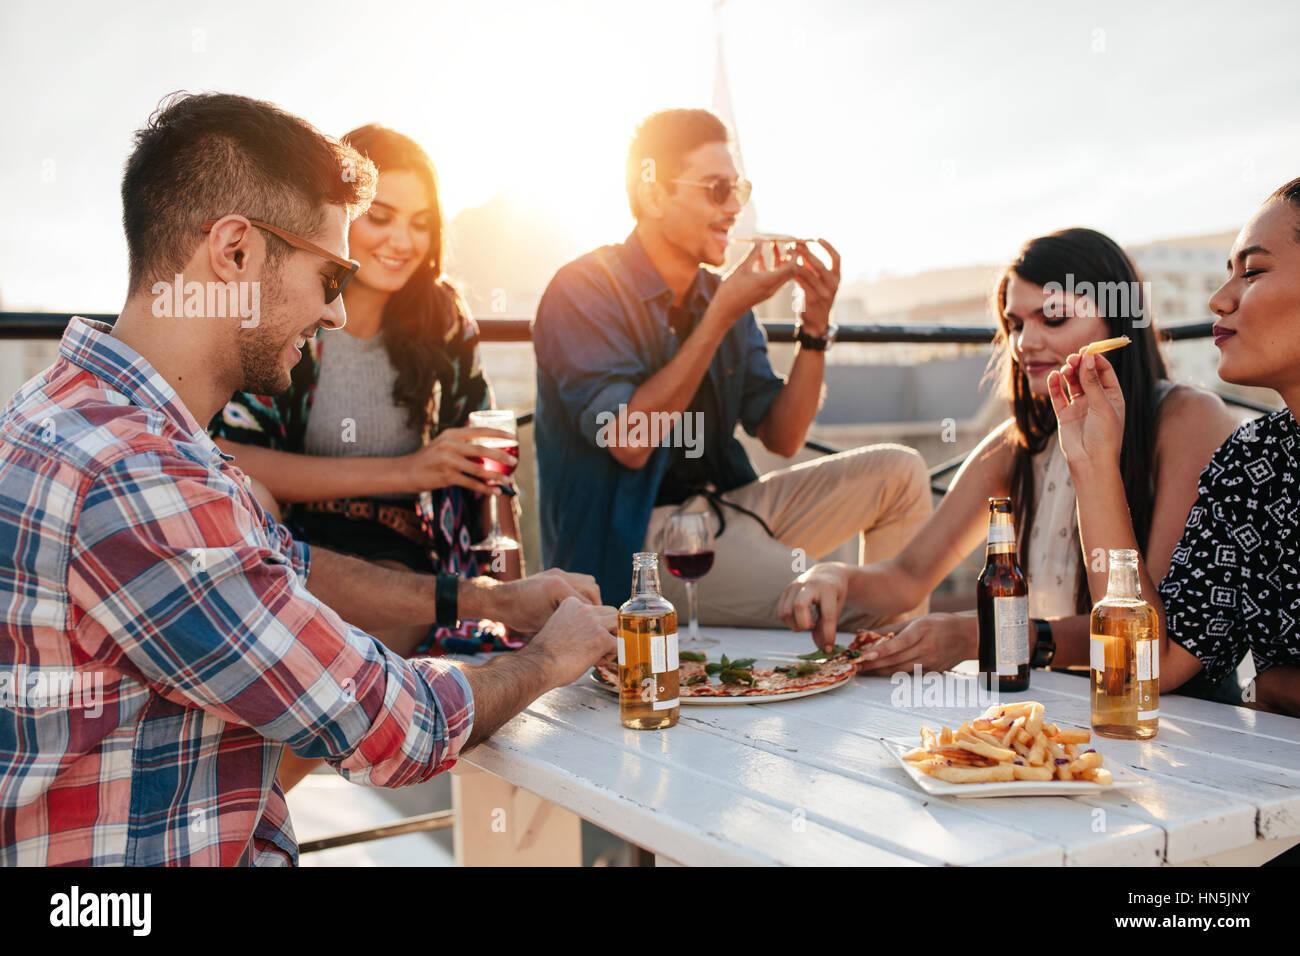 Un gruppo di giovani seduti intorno e mangiare la pizza. Amici partying e mangiare la pizza. Immagini Stock